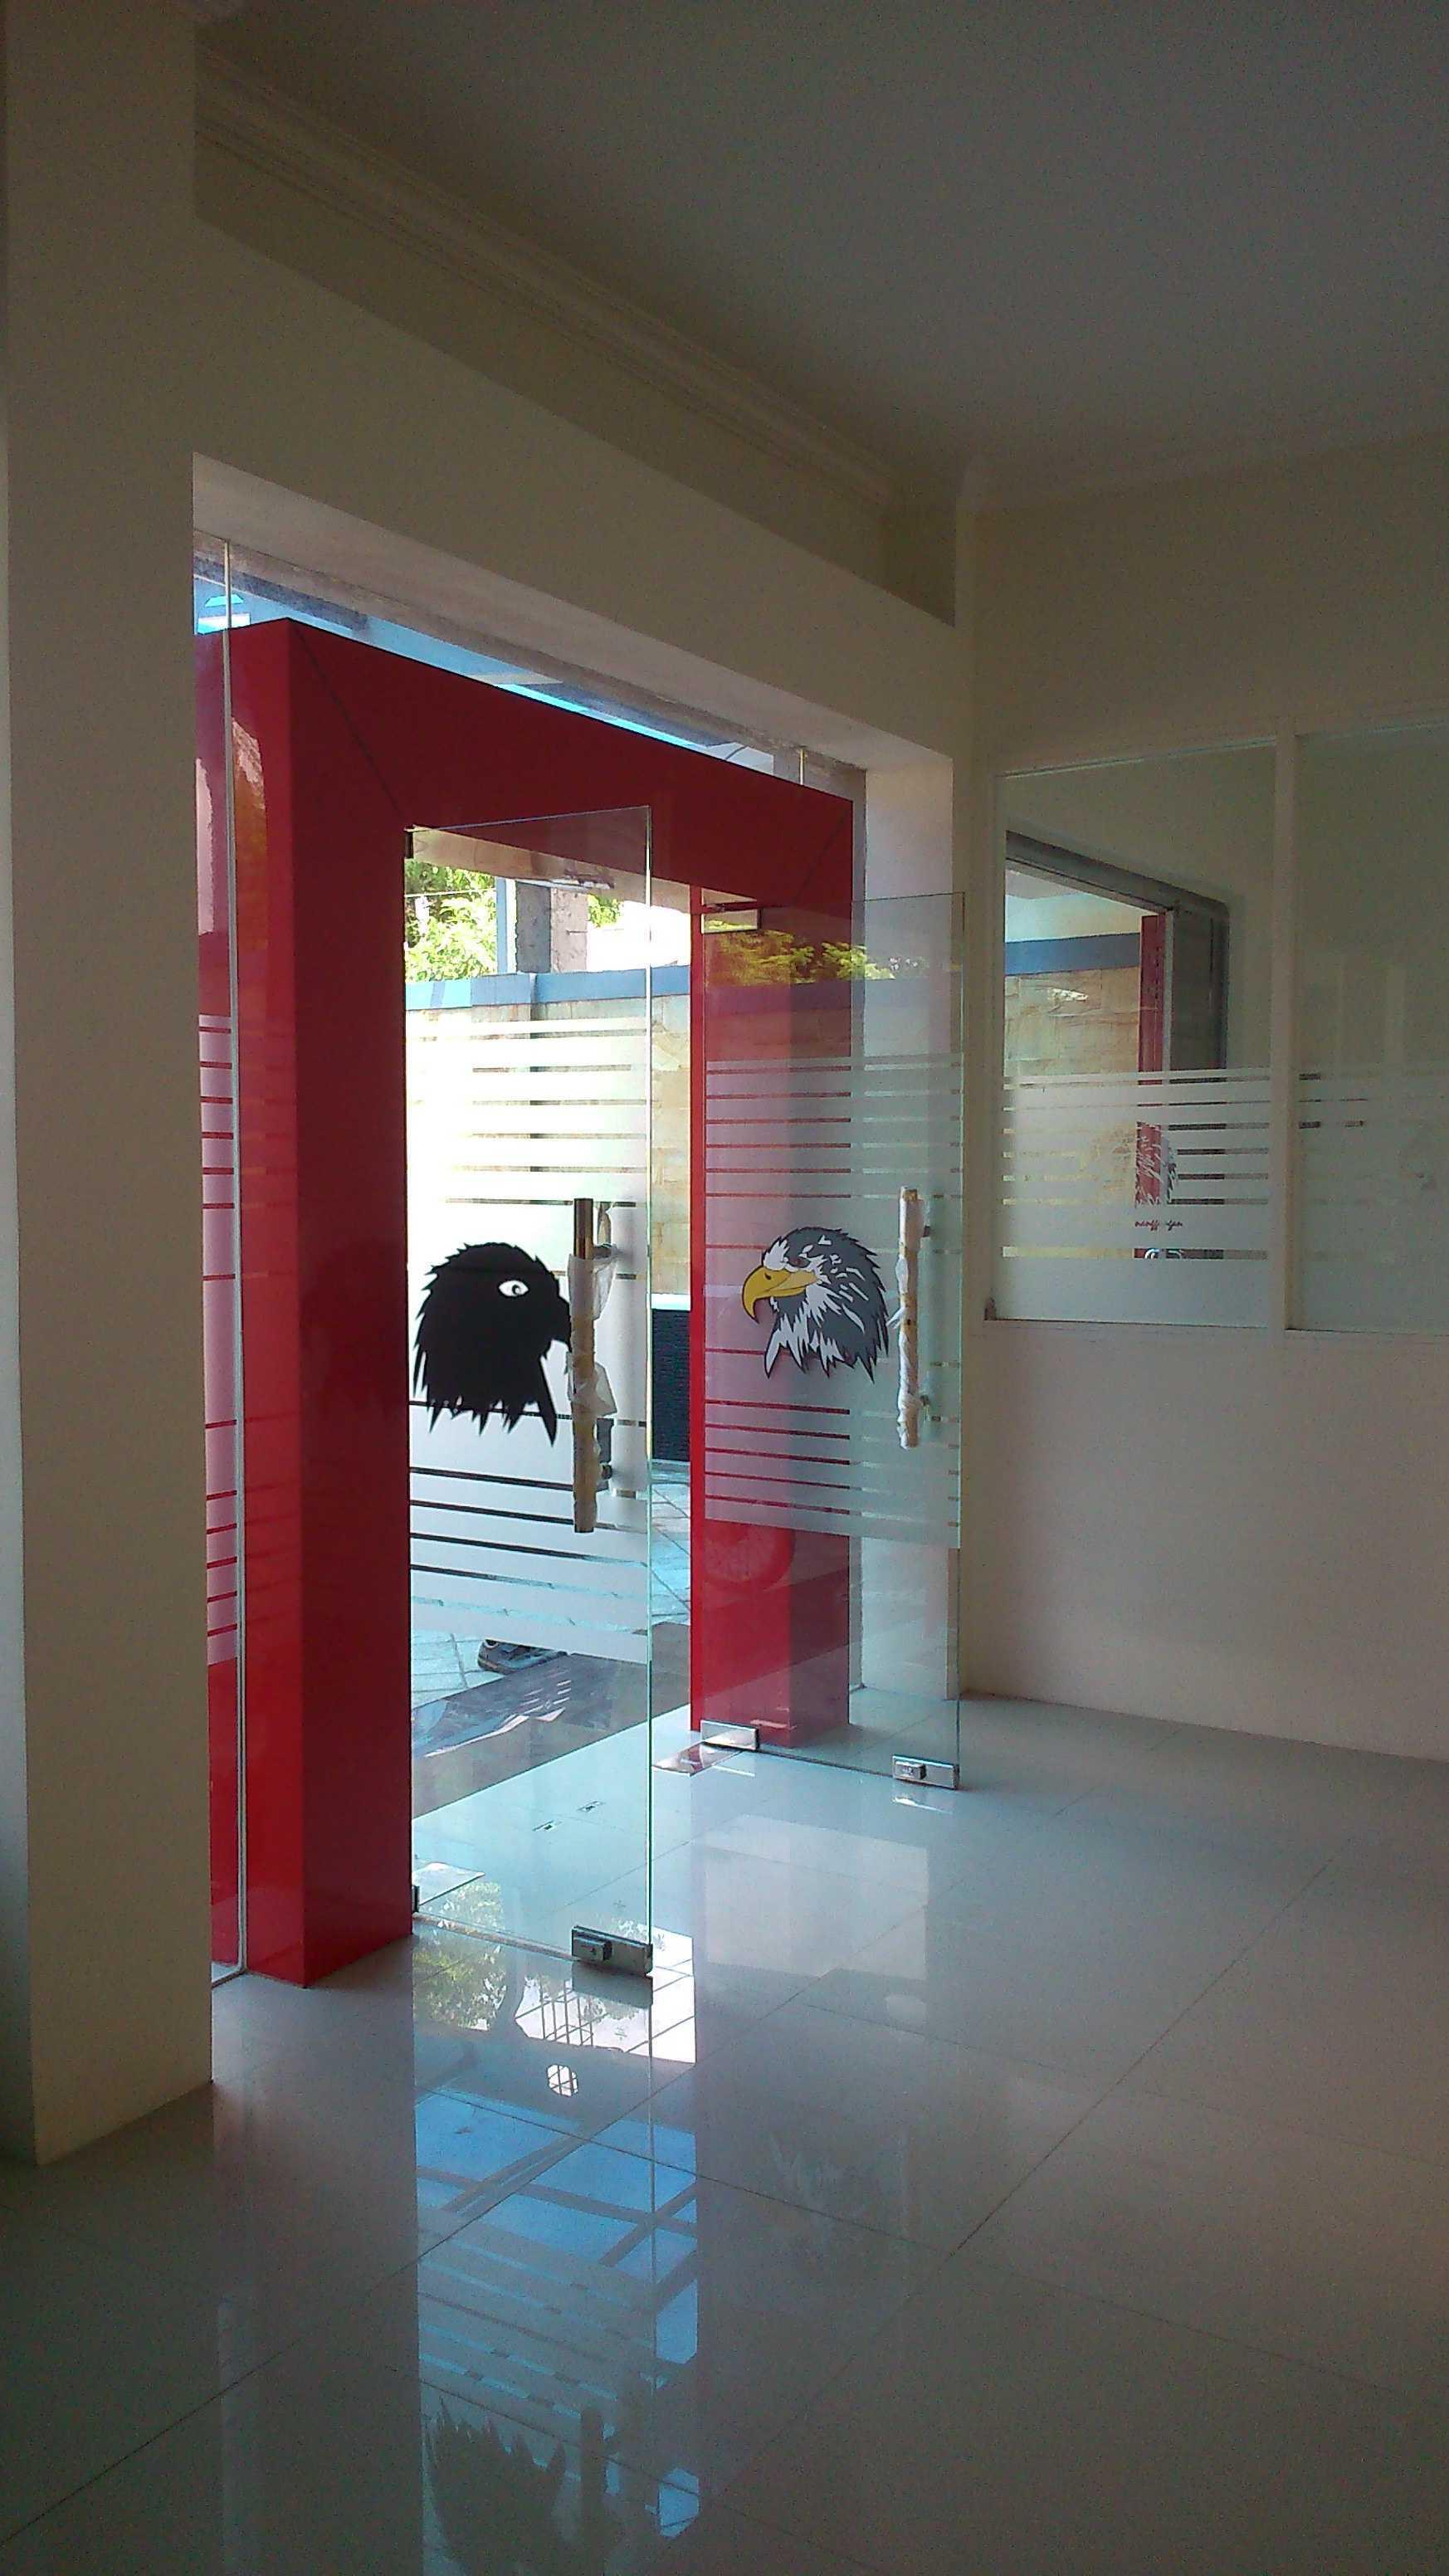 Cvpunden Kantor Pt.rajawali Penanggungan Mojosari, Mojokerto, Jawa Timur, Indonesia Mojosari, Mojokerto, Jawa Timur, Indonesia Rajawali Gate   48318